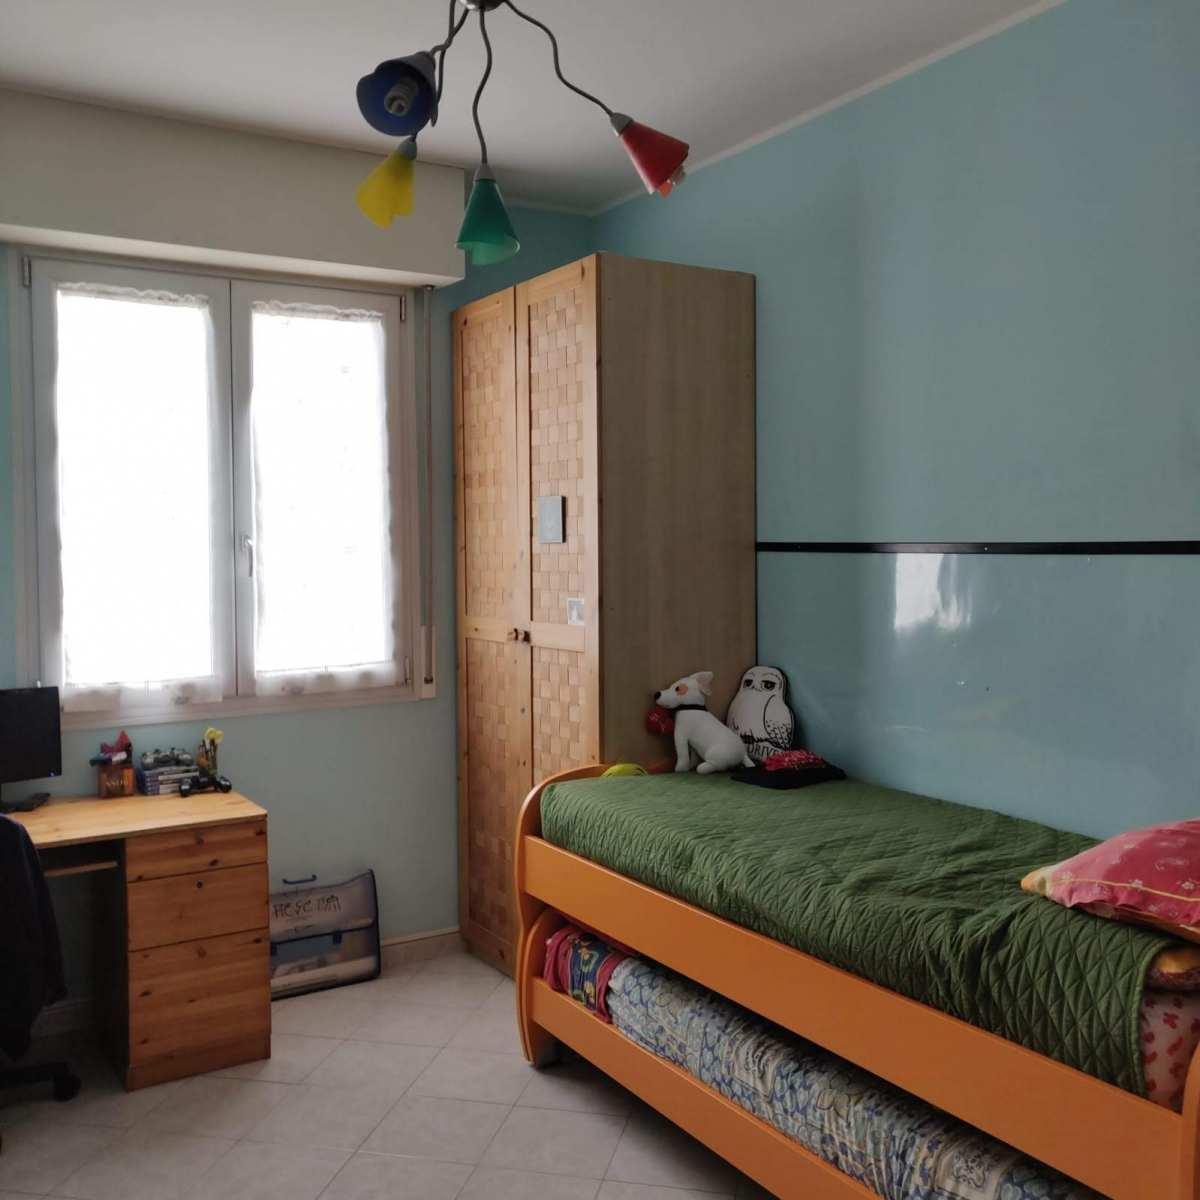 appartamento-in-vendita-milano-quartiere-olmi-milano-baggio-spaziourbano-immobiliare-vende-1